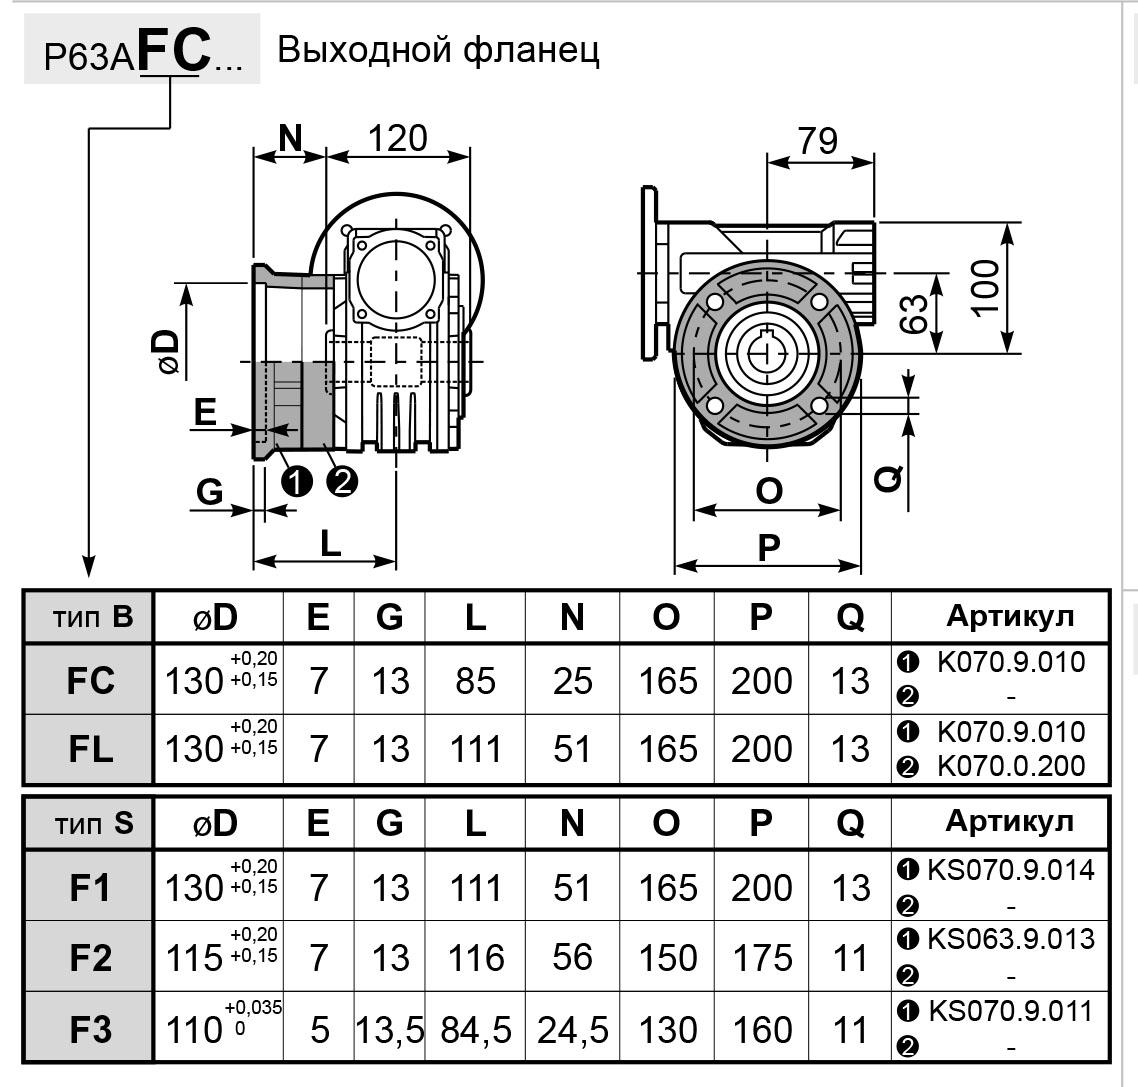 Чертеж редуктора P 63A innovari фланцы